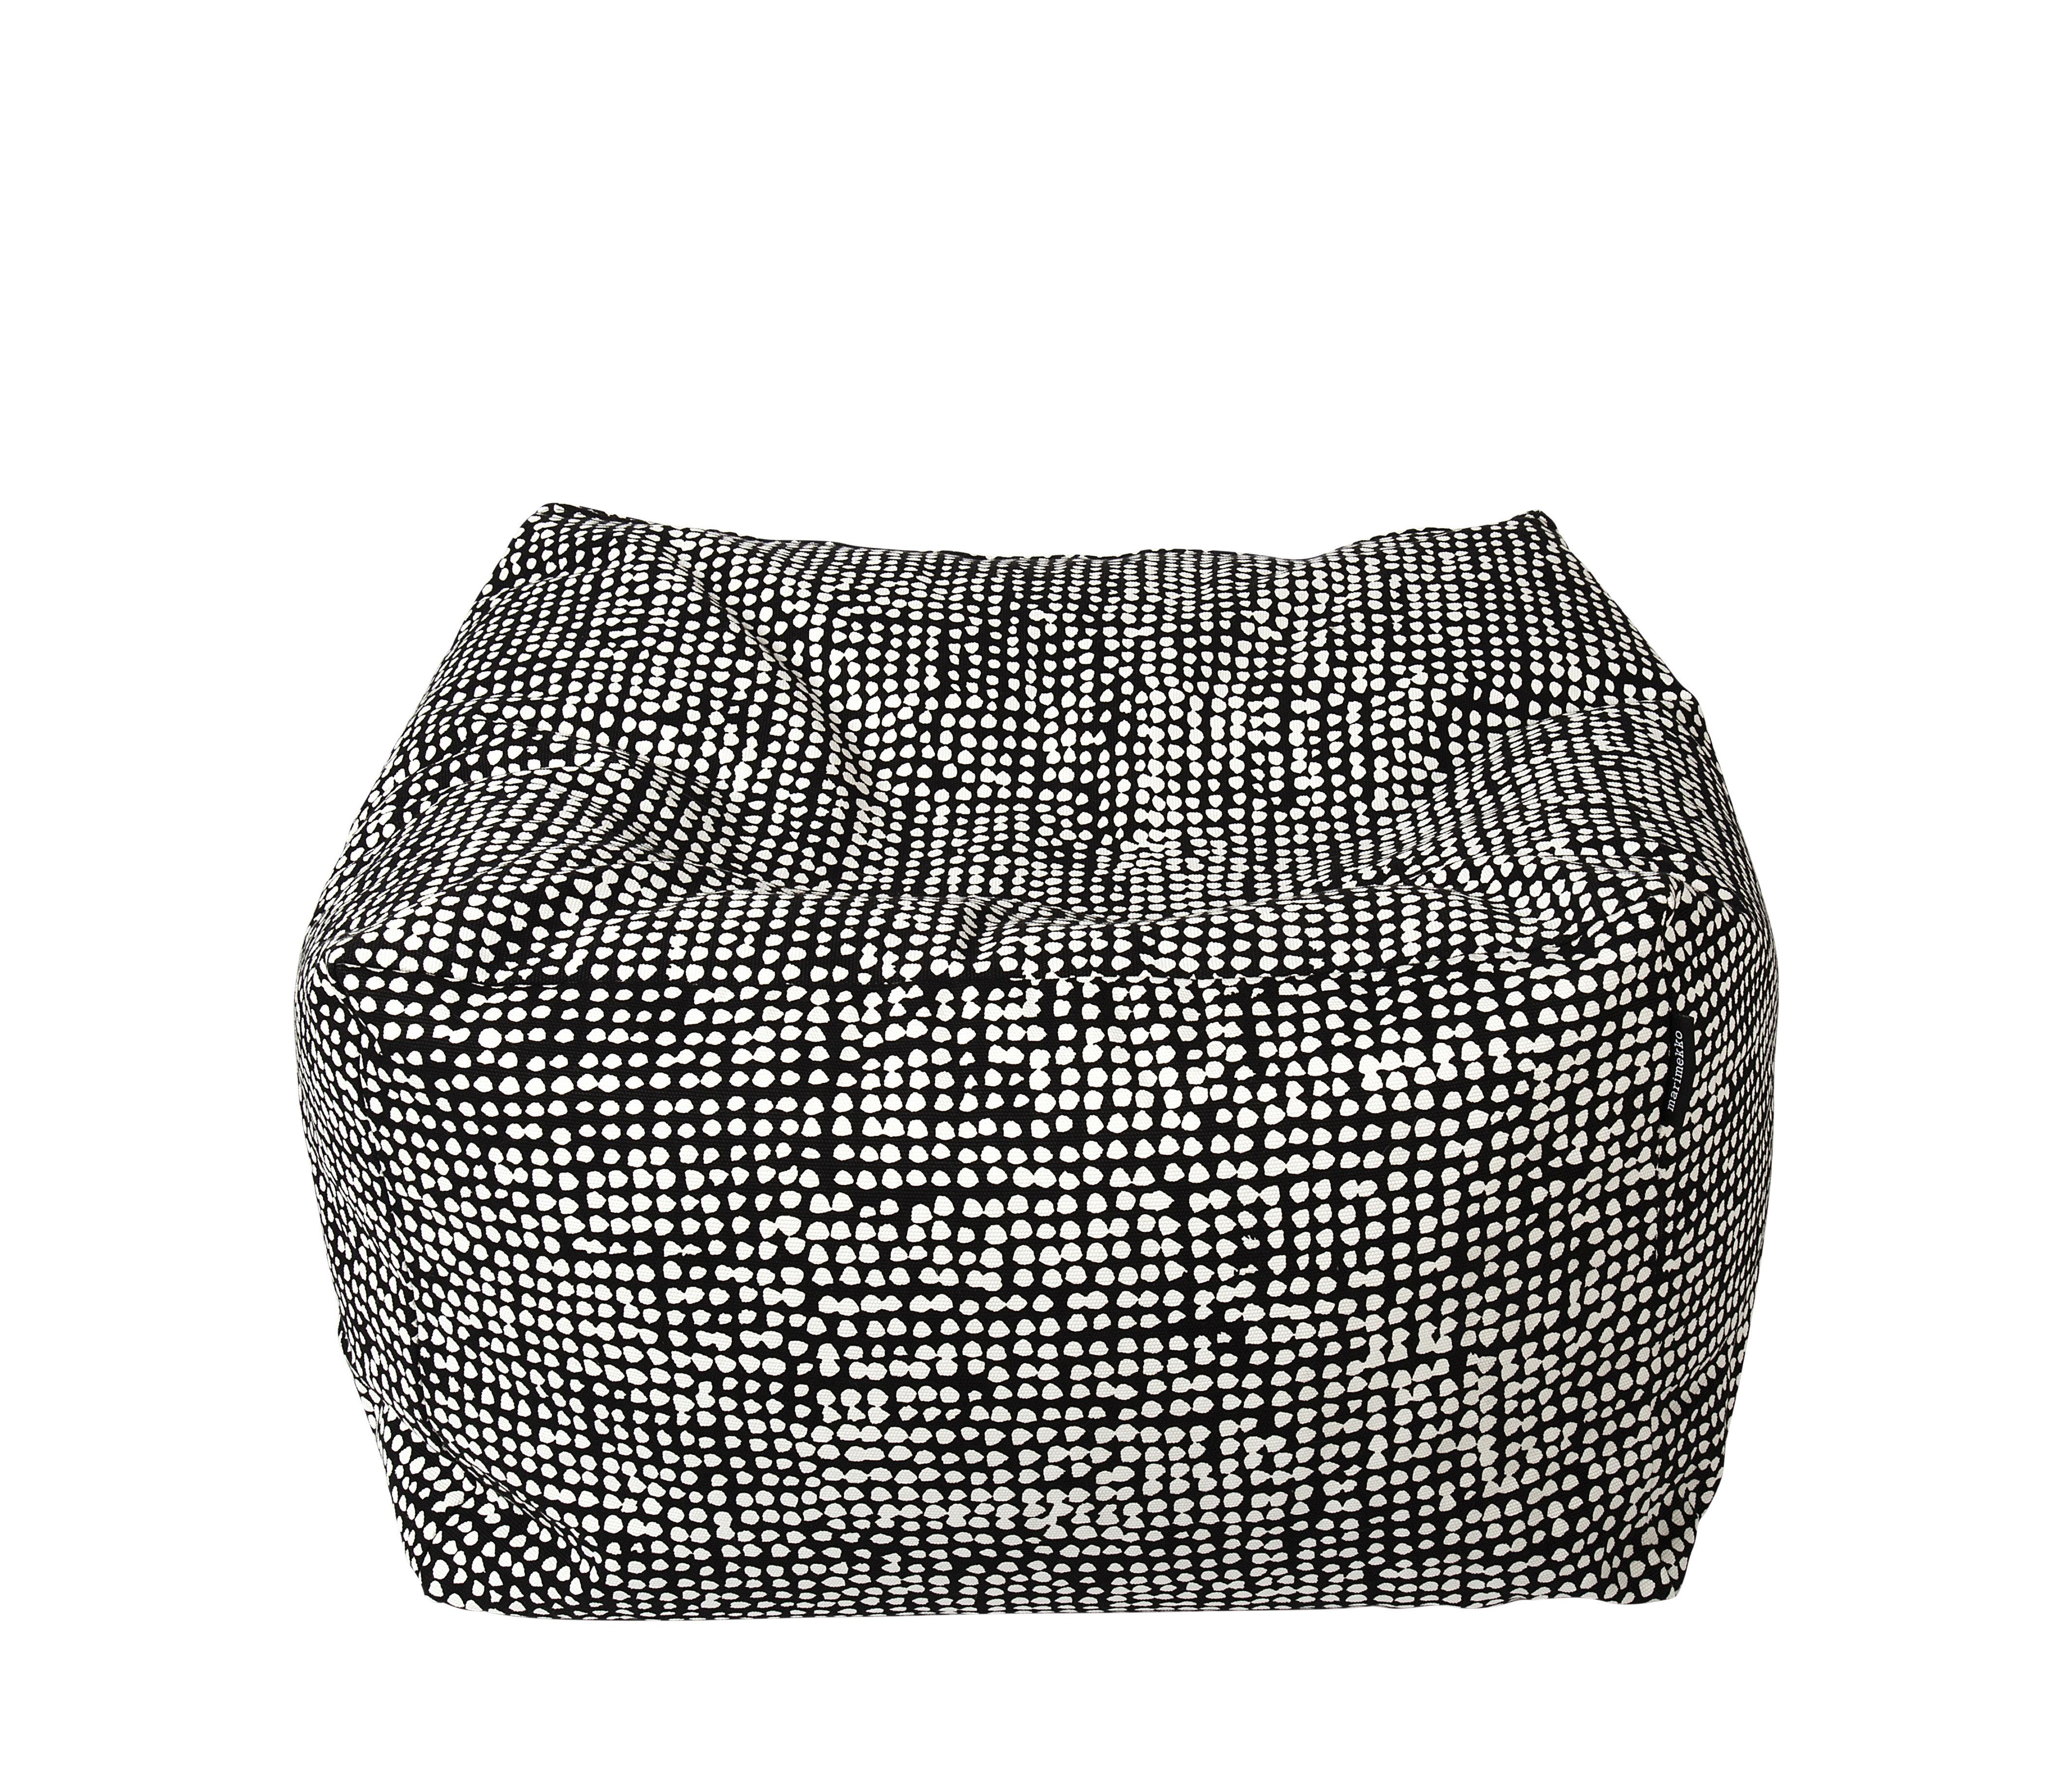 Arredamento - Pouf - Pouf Orkanen - / 55 x 55 cm di Marimekko - Orkanen / Nero & bianco - Billes de polystyrène expansé, Coton épais